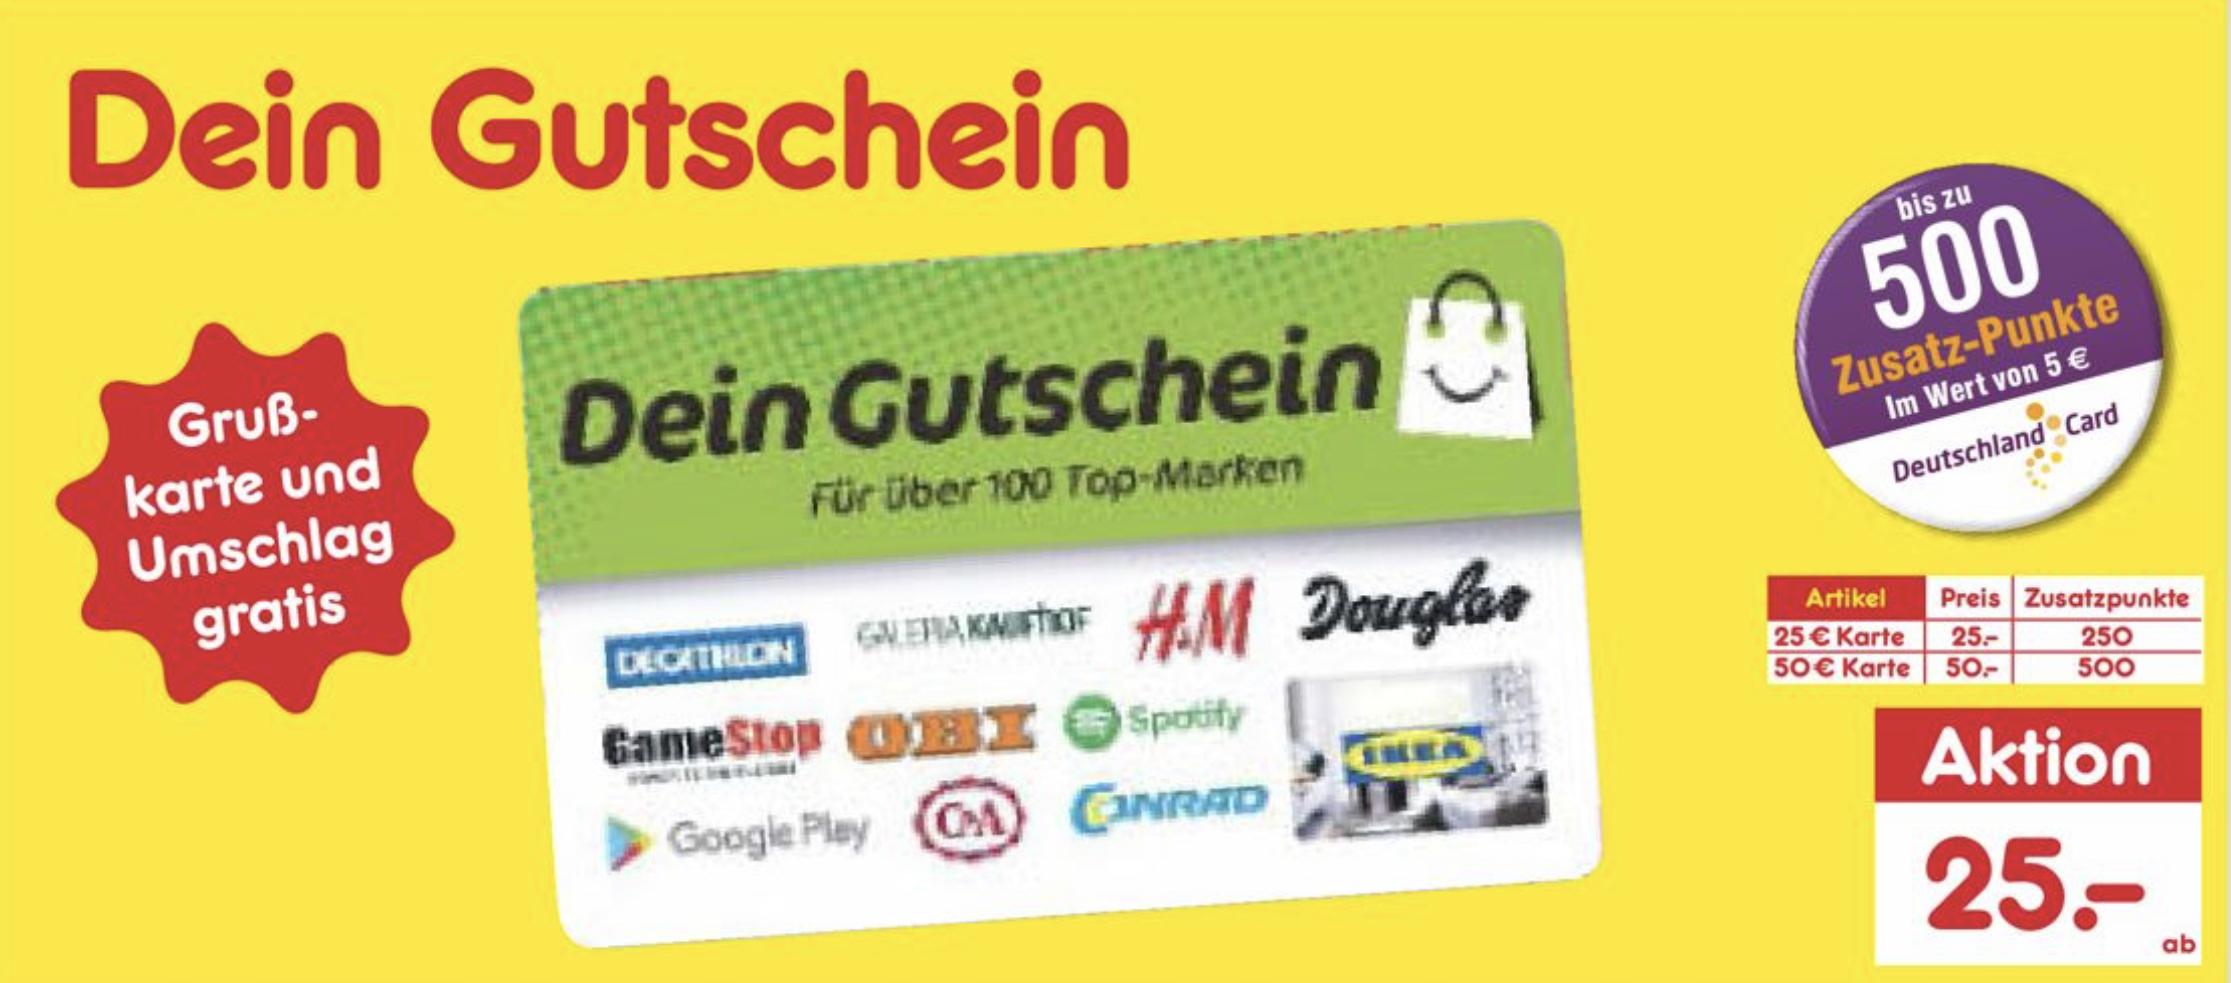 deutschlandcard otto 500 punkte